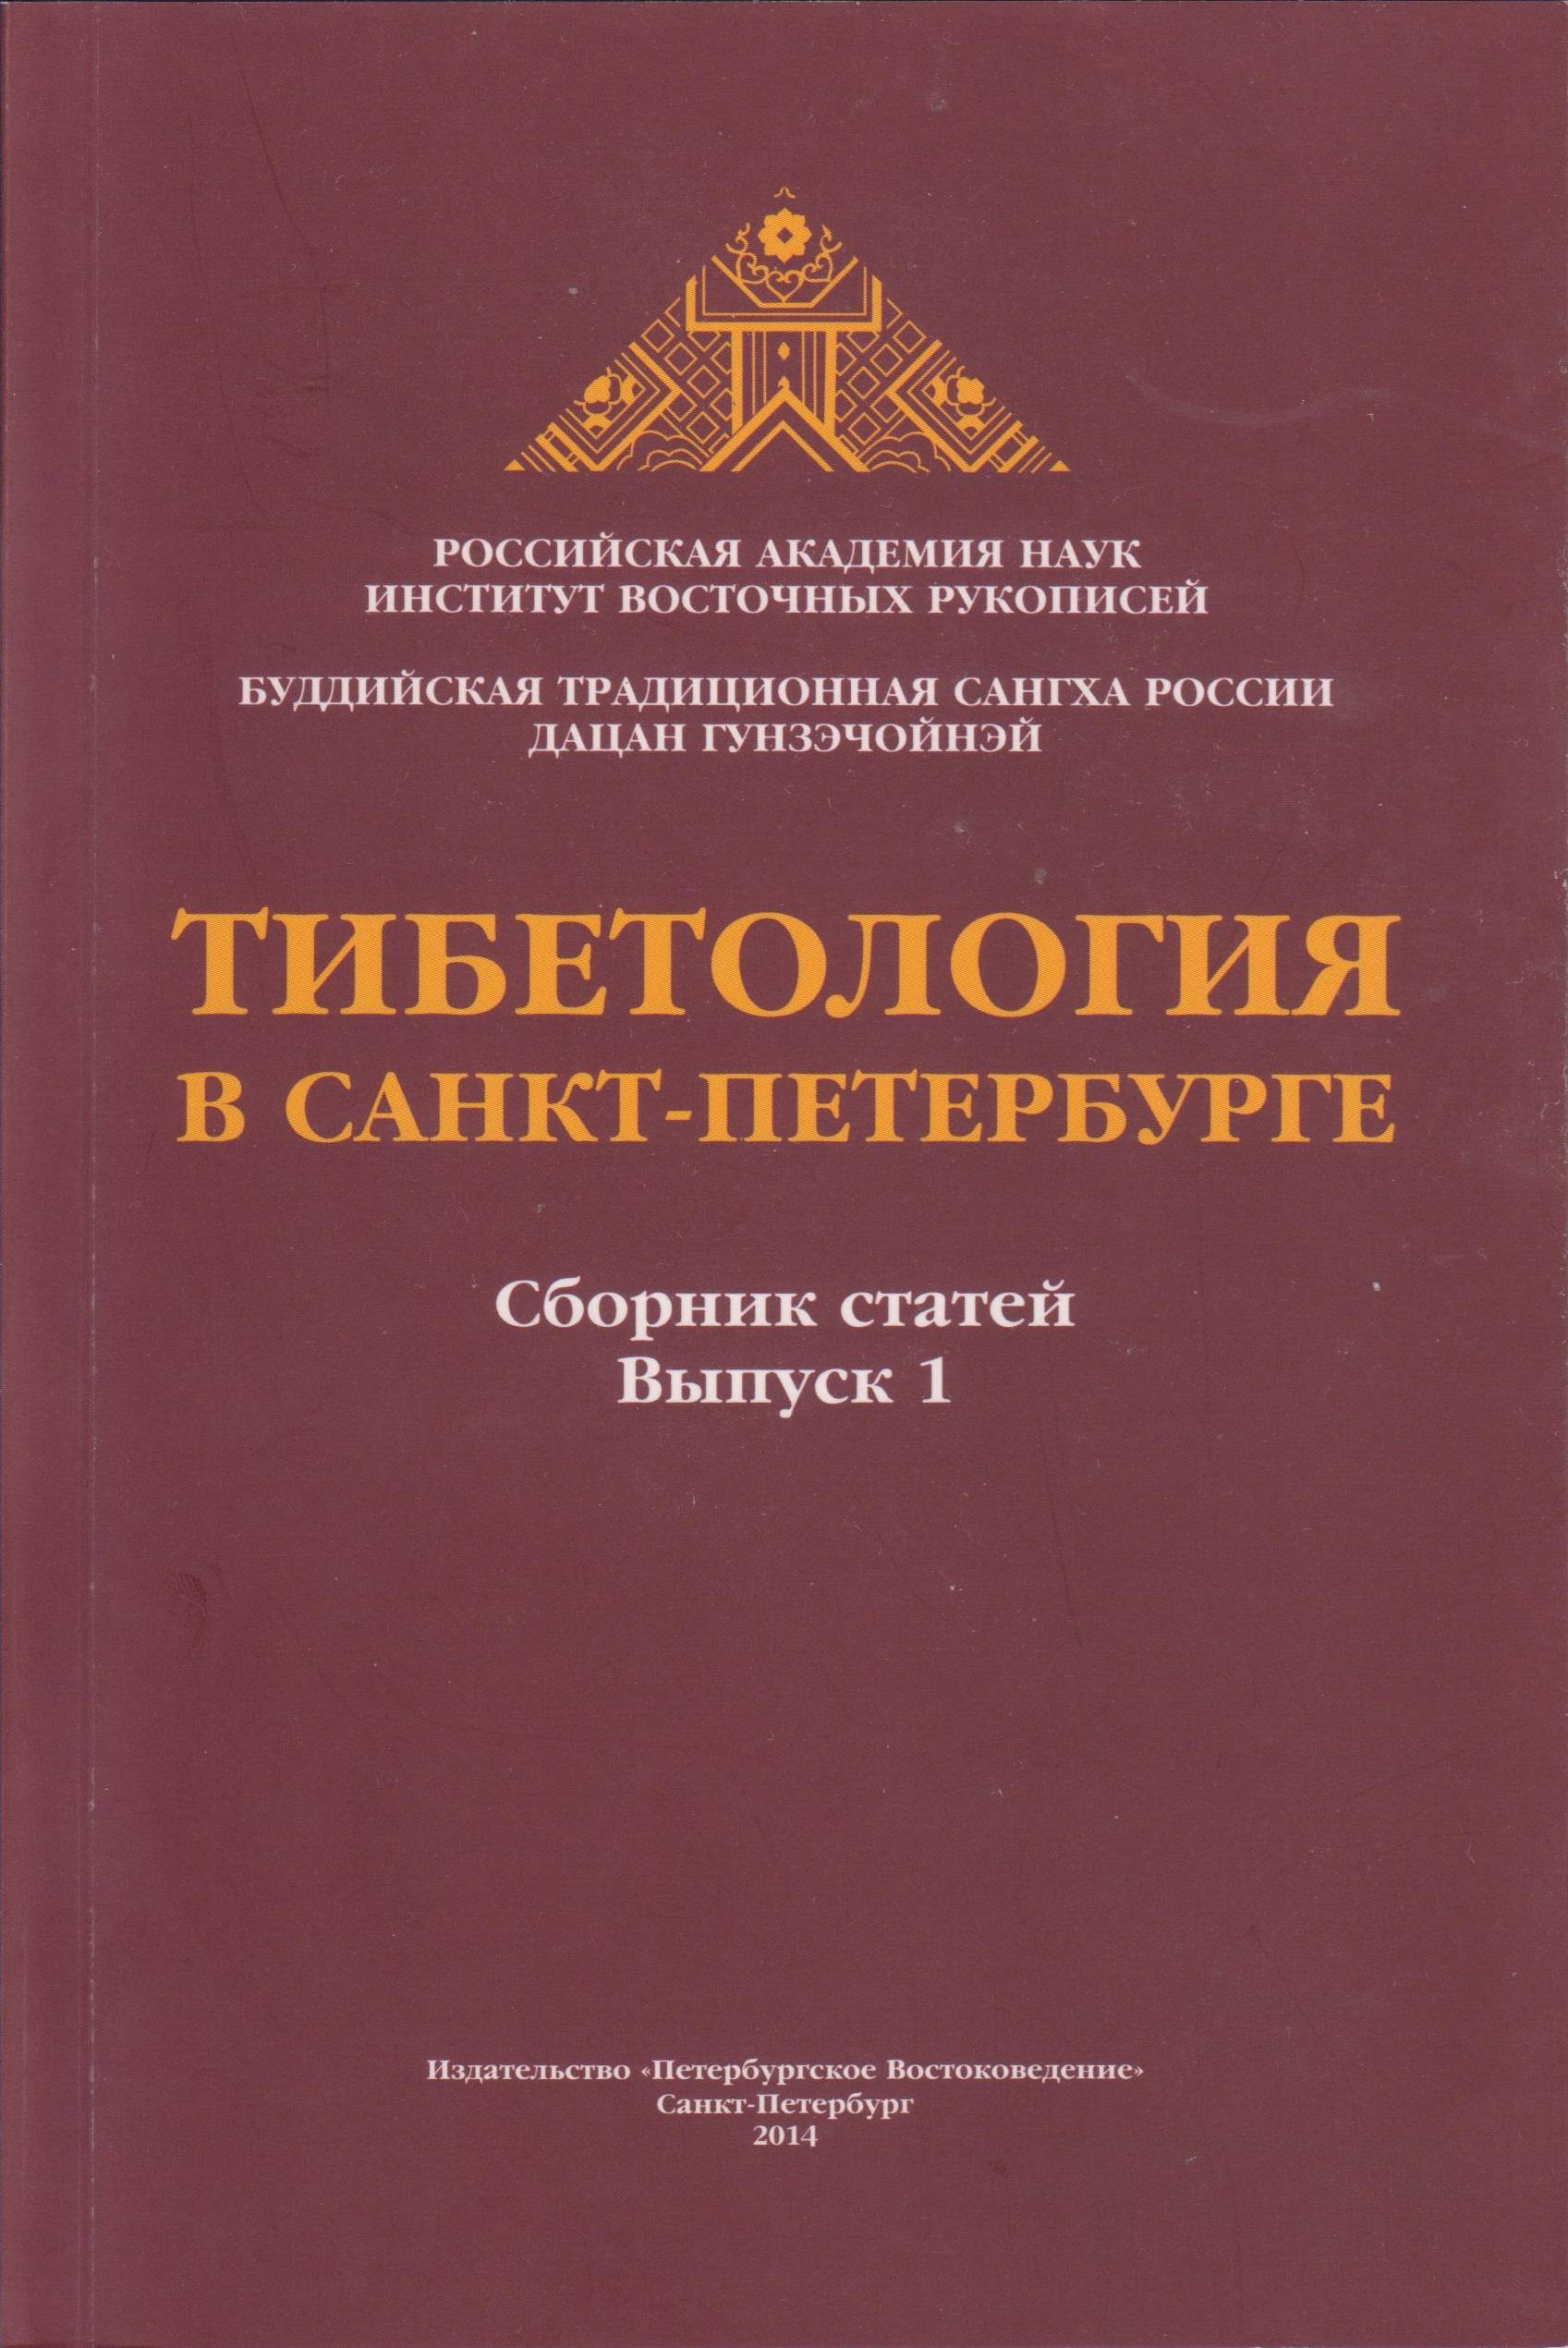 Тибетология в Санкт-Петербурге. Сборник статей